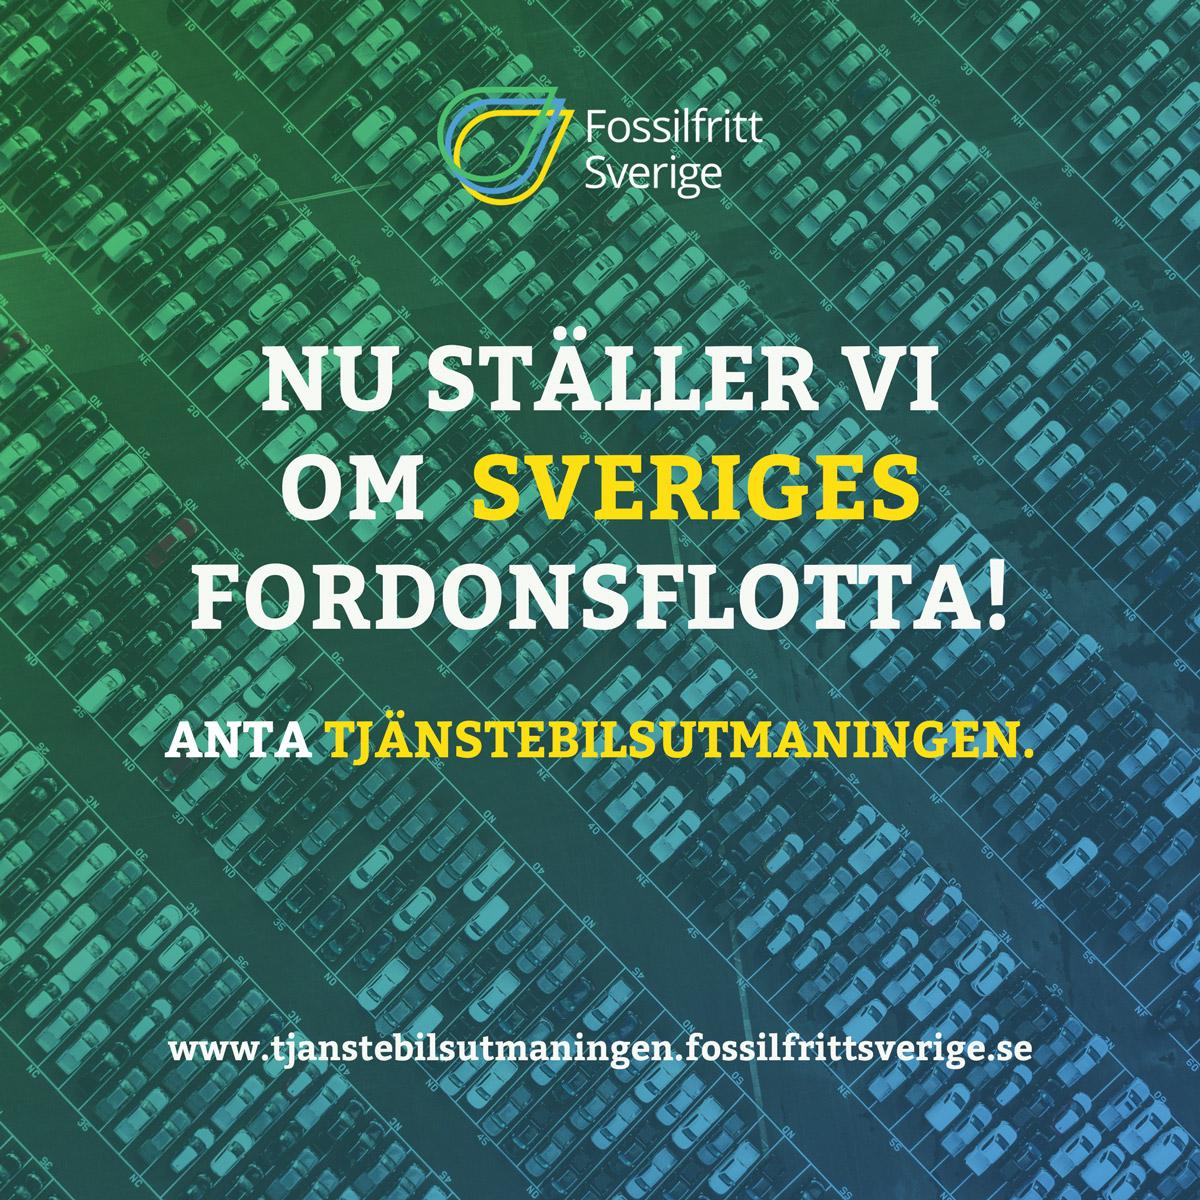 Fossilfritt Sverige Tjänstebilsutmaningen